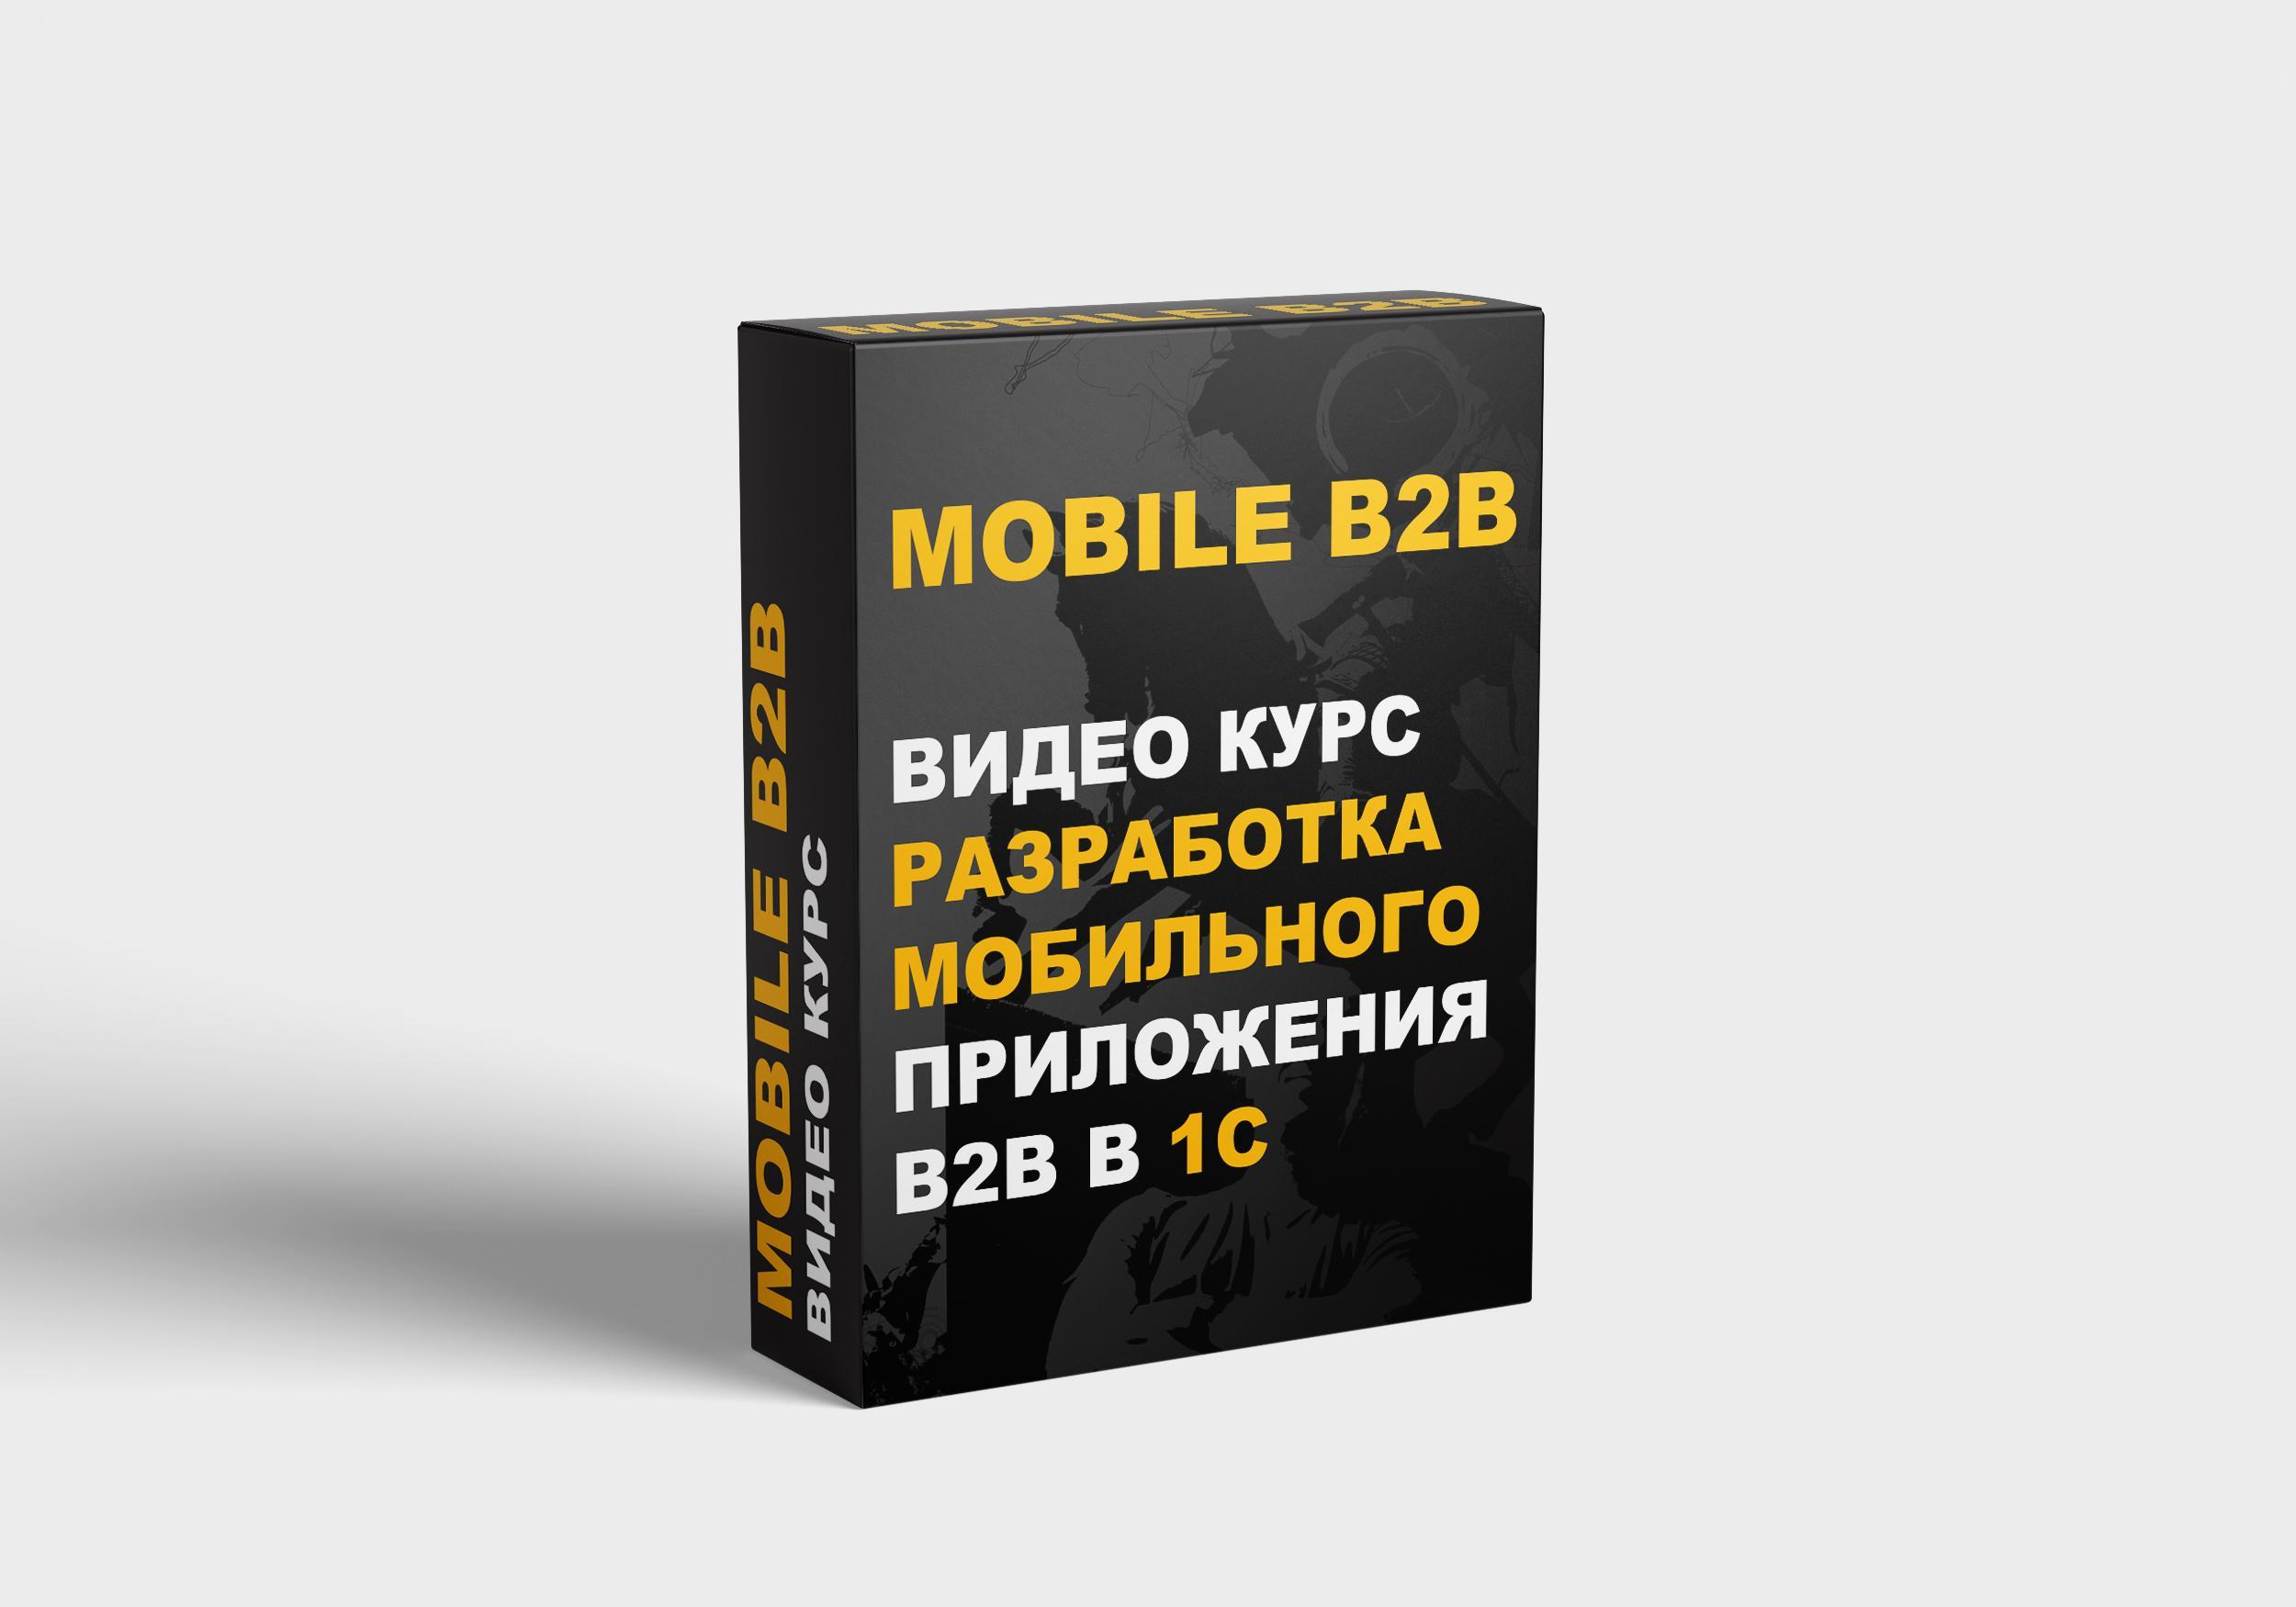 1с мобильное приложение